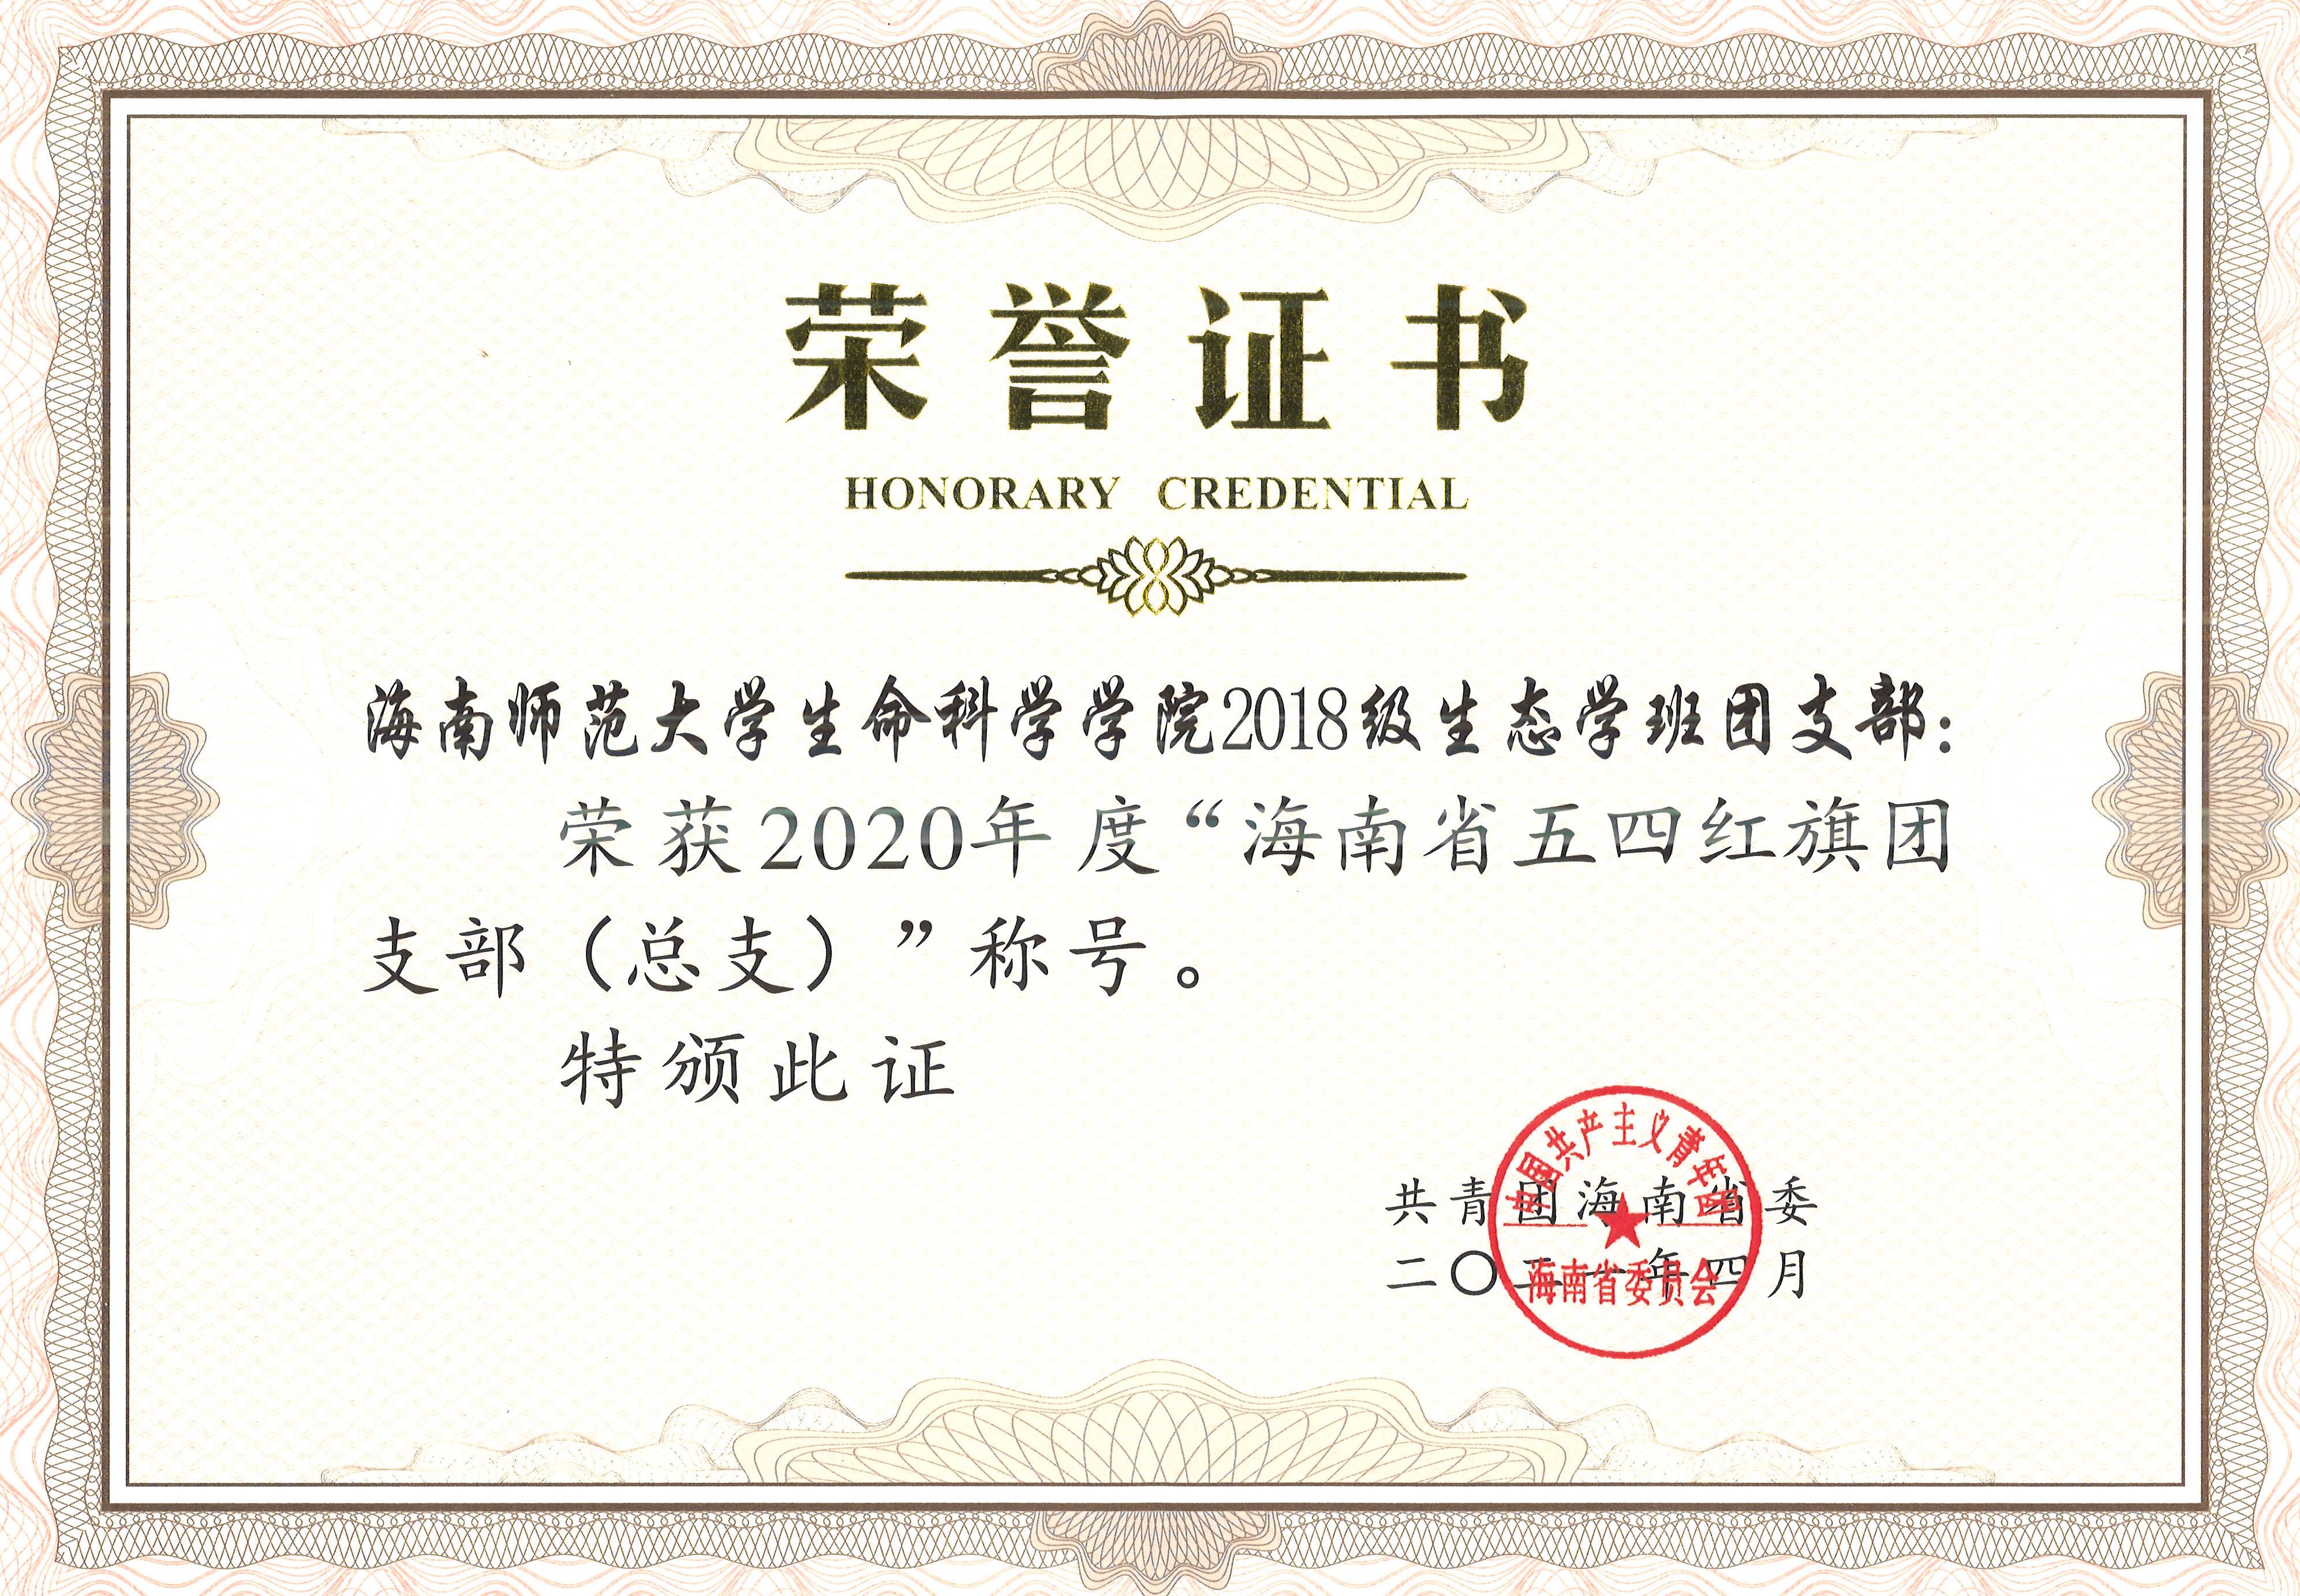 """2018级生态班团支部荣获""""海南省2020年度五四红旗团支部""""荣誉称号"""